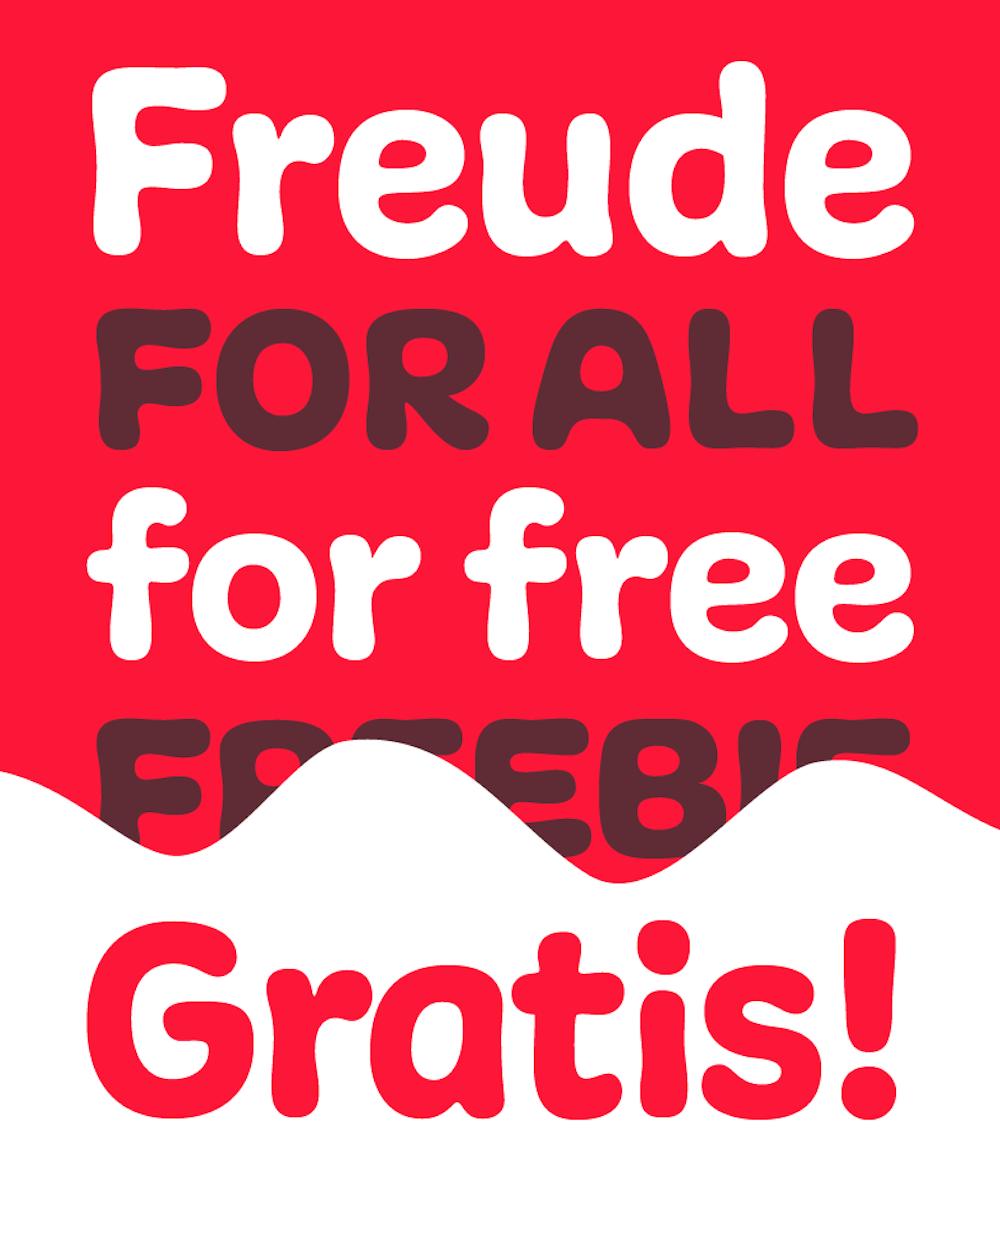 Freude for free, Typejockeys